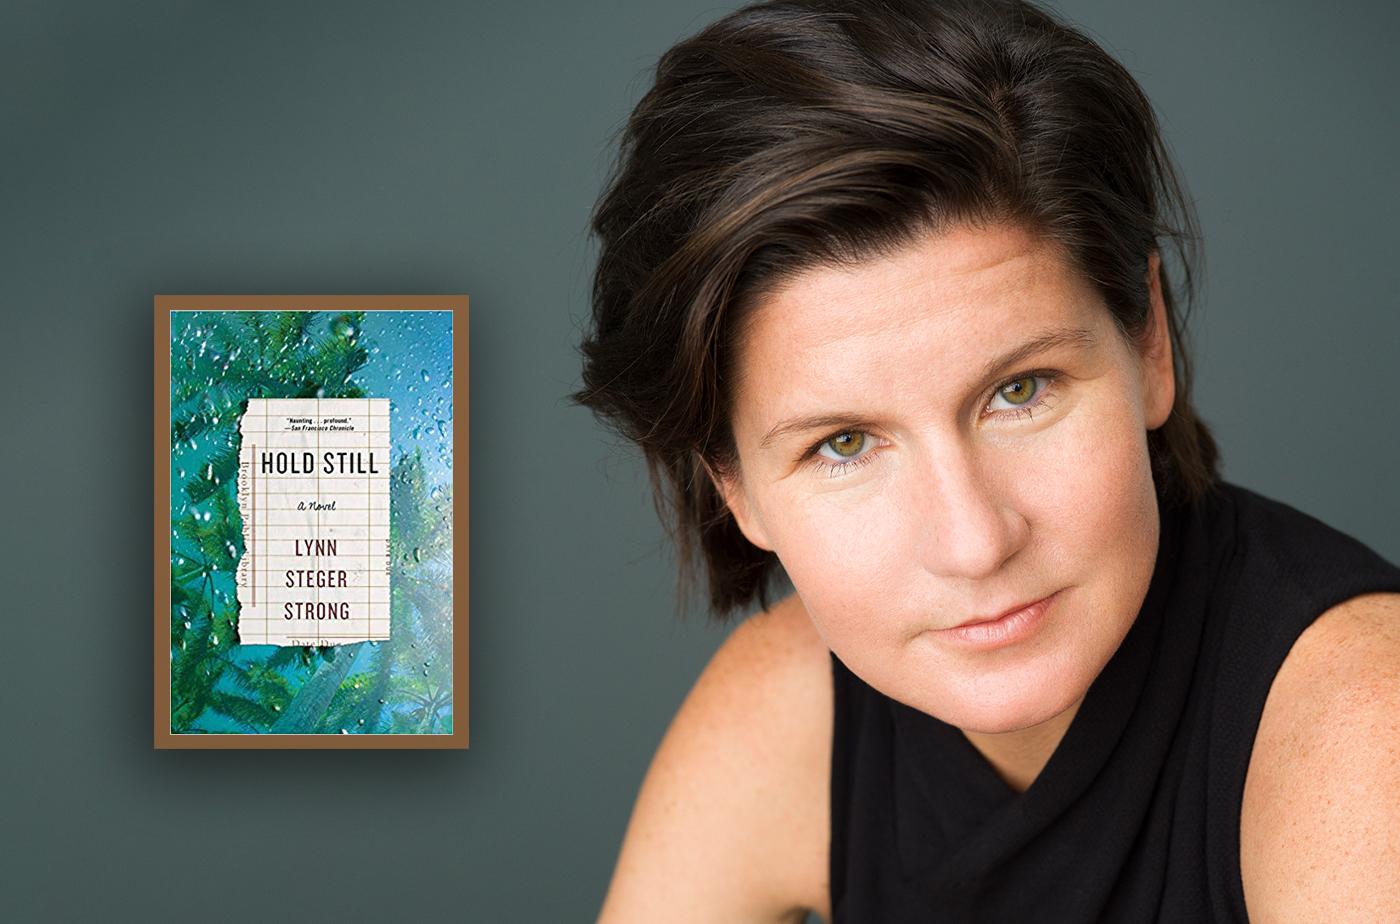 Catapult  classes: Lynn Steger Strong, The Novel Generator: Twelve Months to a Full Draft, Fiction, Novel, Workshop